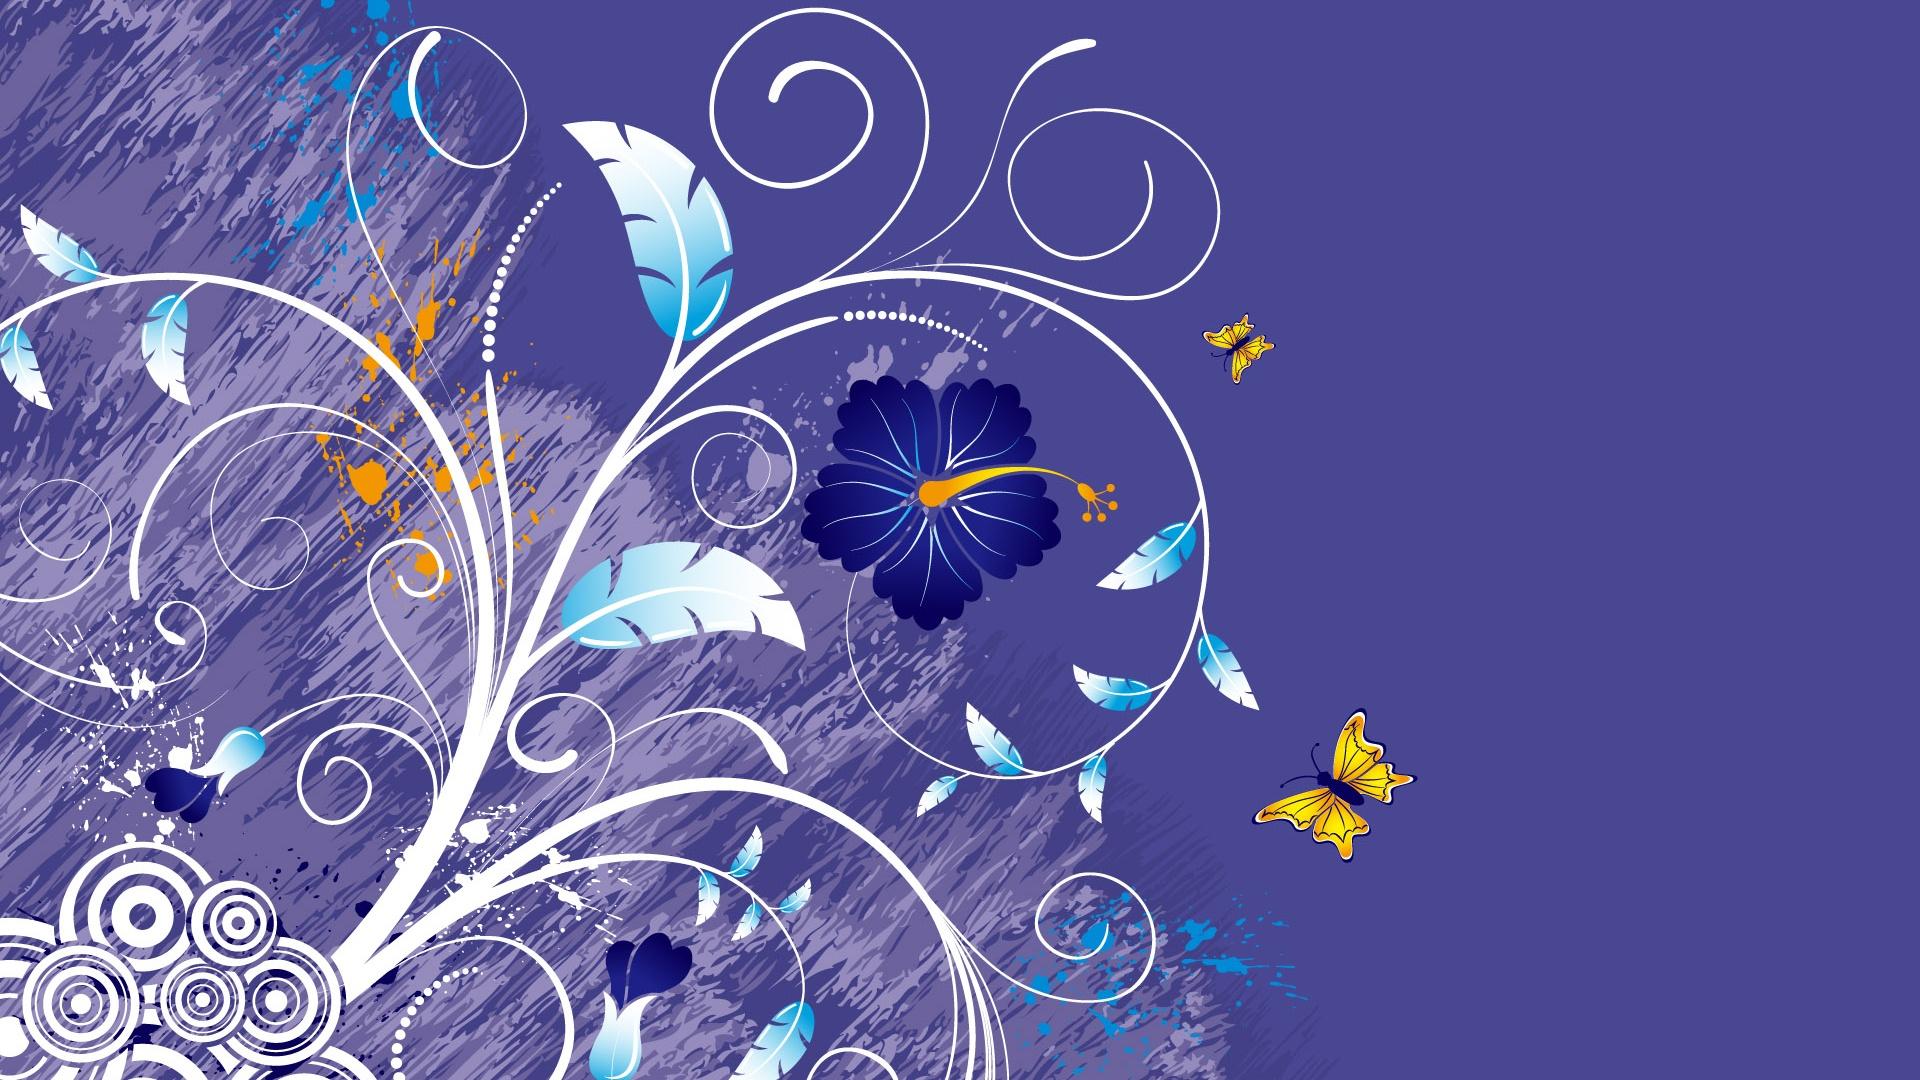 Vector De Fondo Con Flores Y Mariposas Fondos De Pantalla   1920x1080